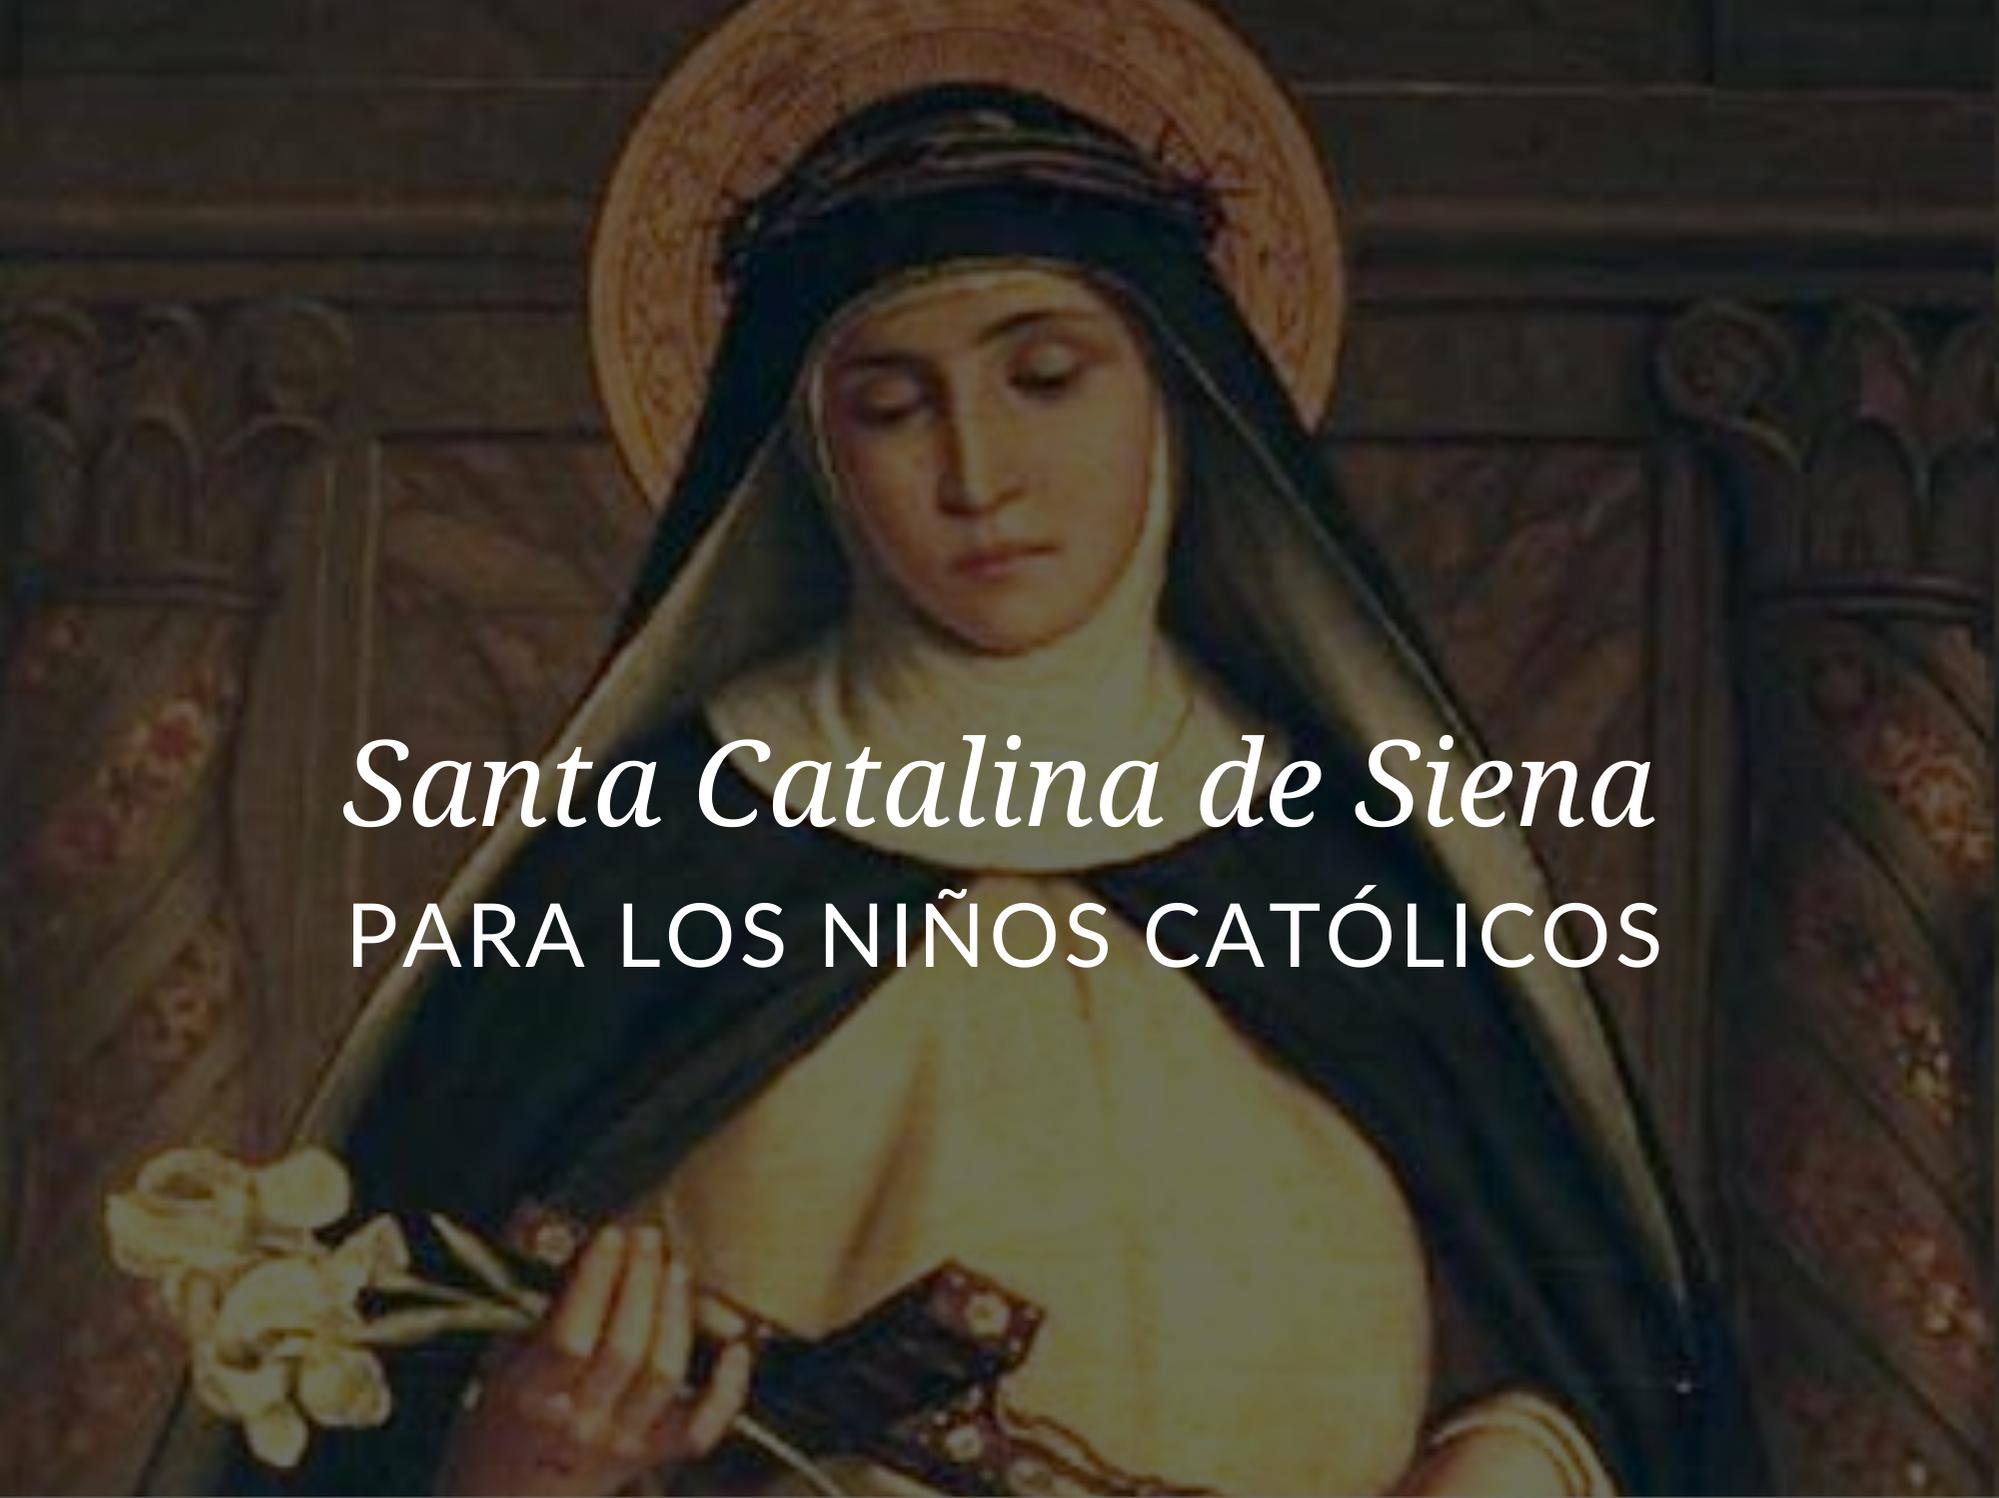 En este artículo, encontrará una breve biografía y unaactividad imprimible gratuita que se puede utilizar para aprender más sobre santa Catalina de Siena, una santa popular para niños.